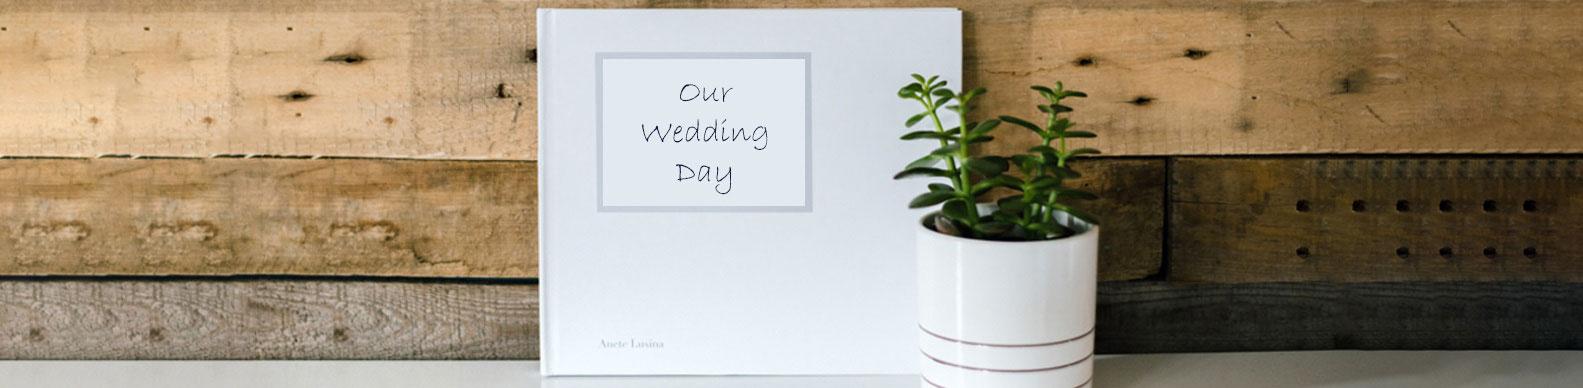 Wedding Photographer Storybook Style